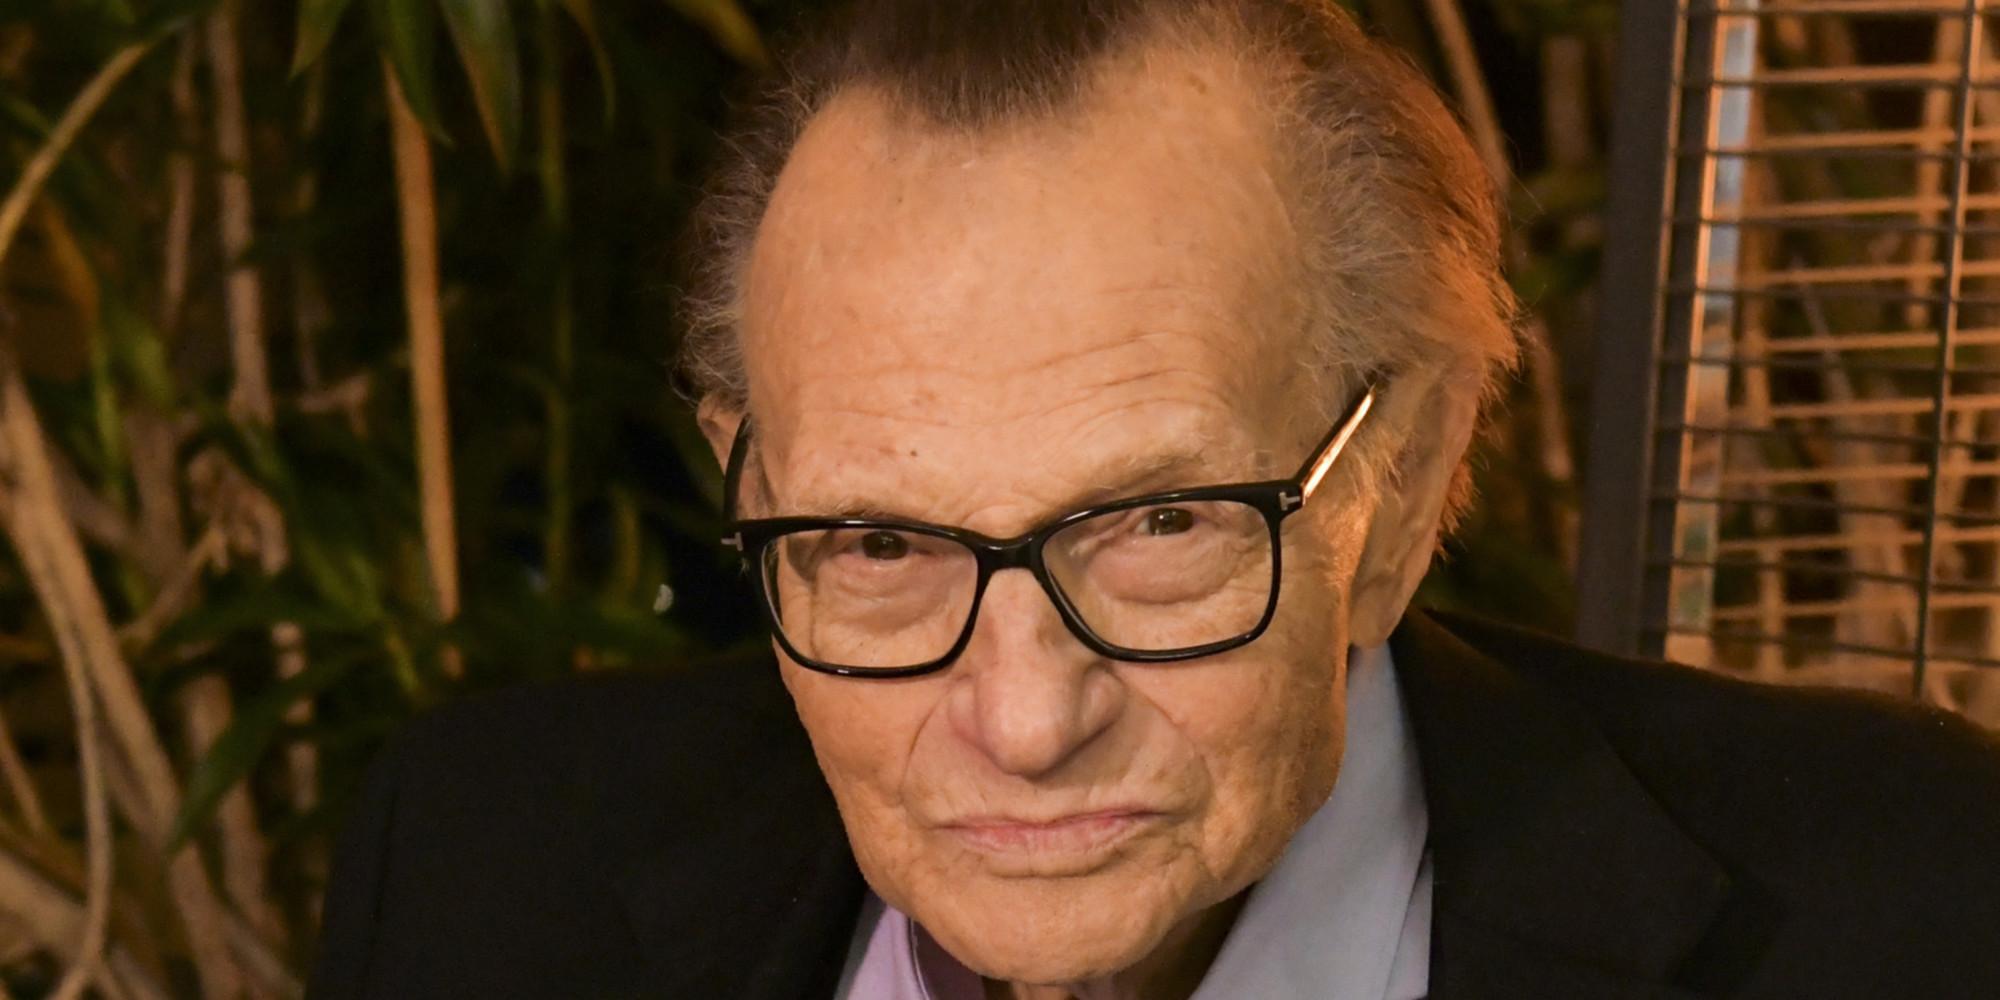 Le célèbre journaliste de télévision américain Larry King est mort à 87 ans